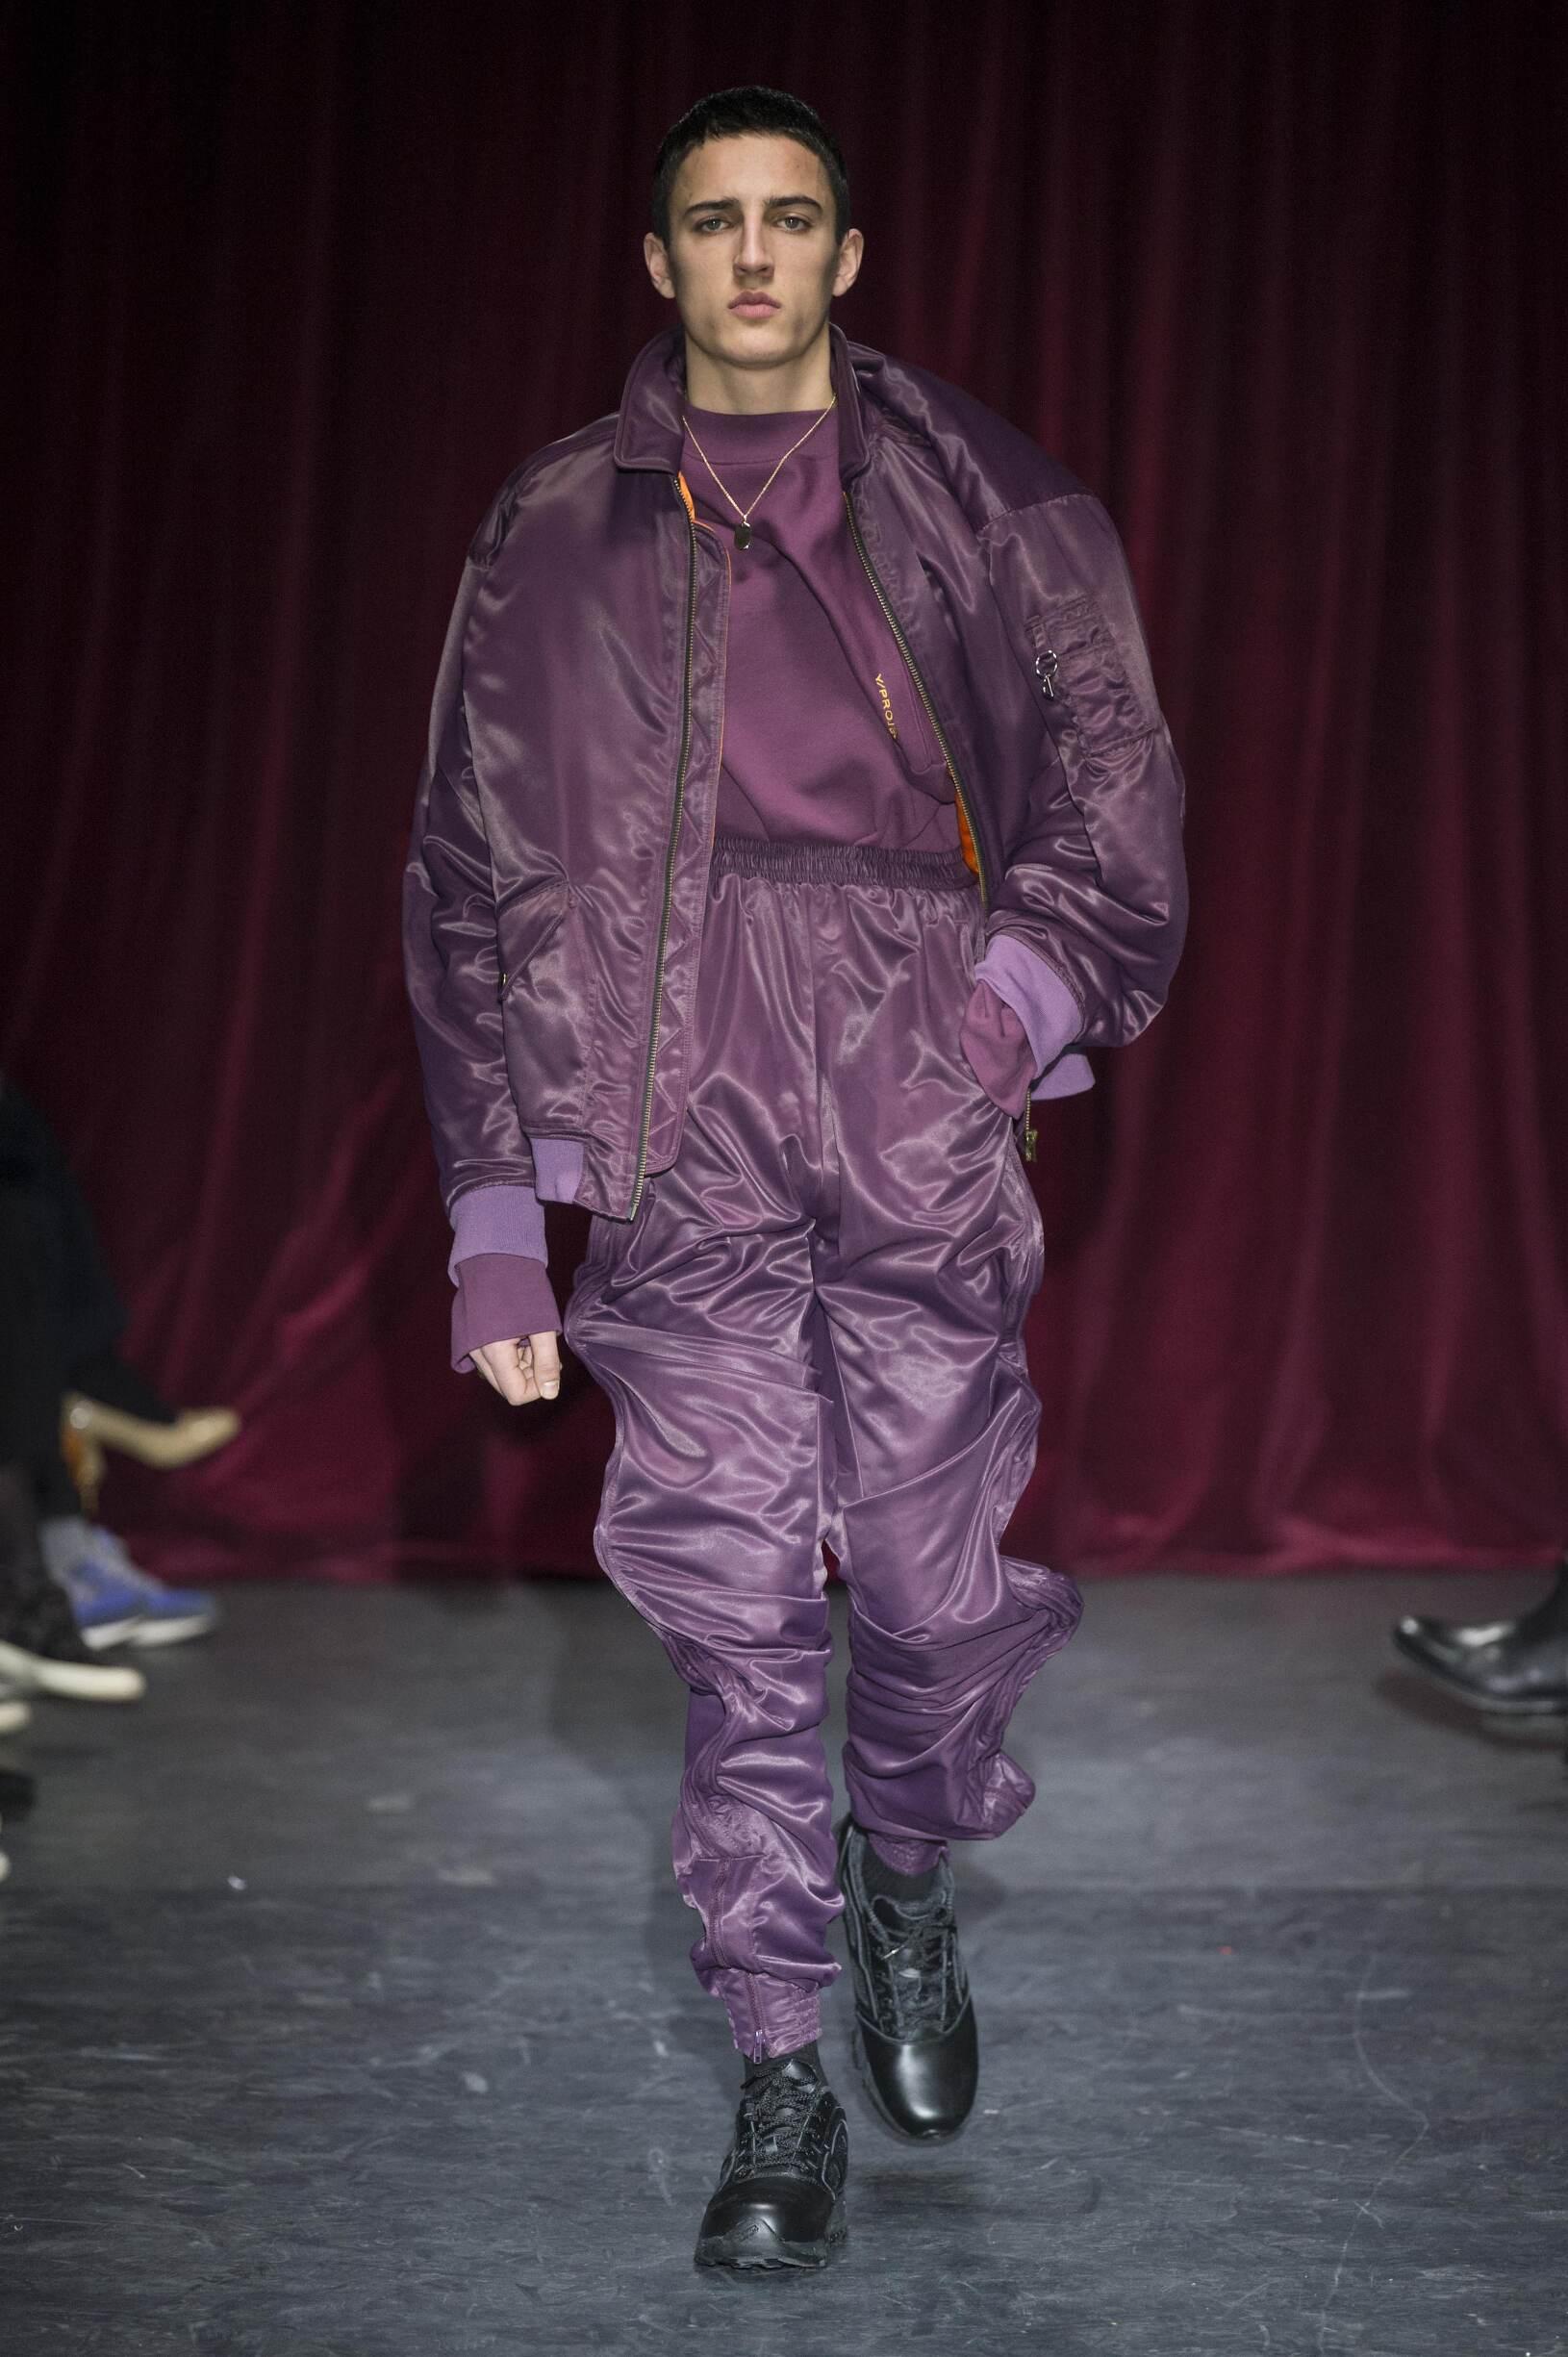 Model Fashion Show Y/Project